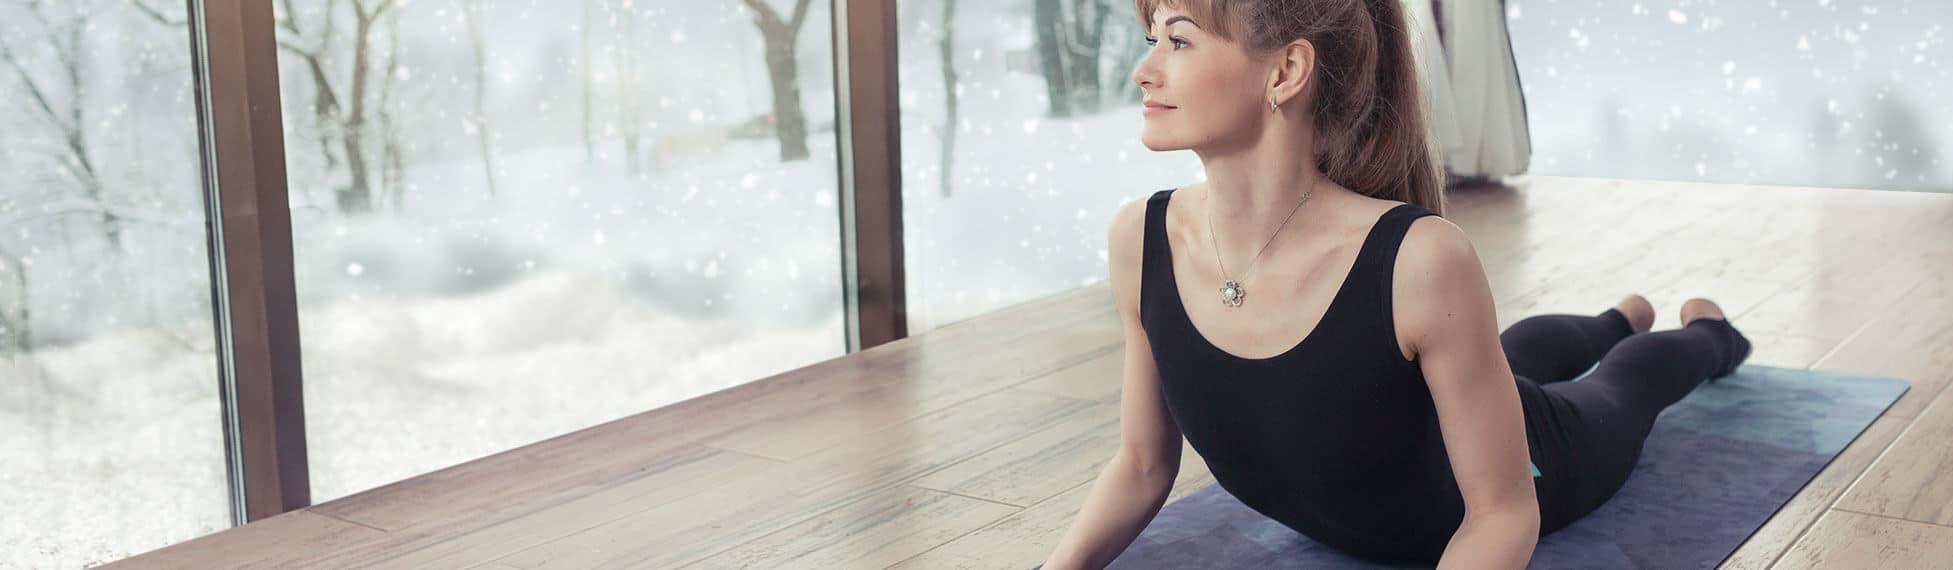 Ein sportliche Frau liegt auf der Matte, geht ins Hohlkreuz und schaut aus dem komplett verglasten Raum heraus auf eine im Schneefall versunkenen Wald